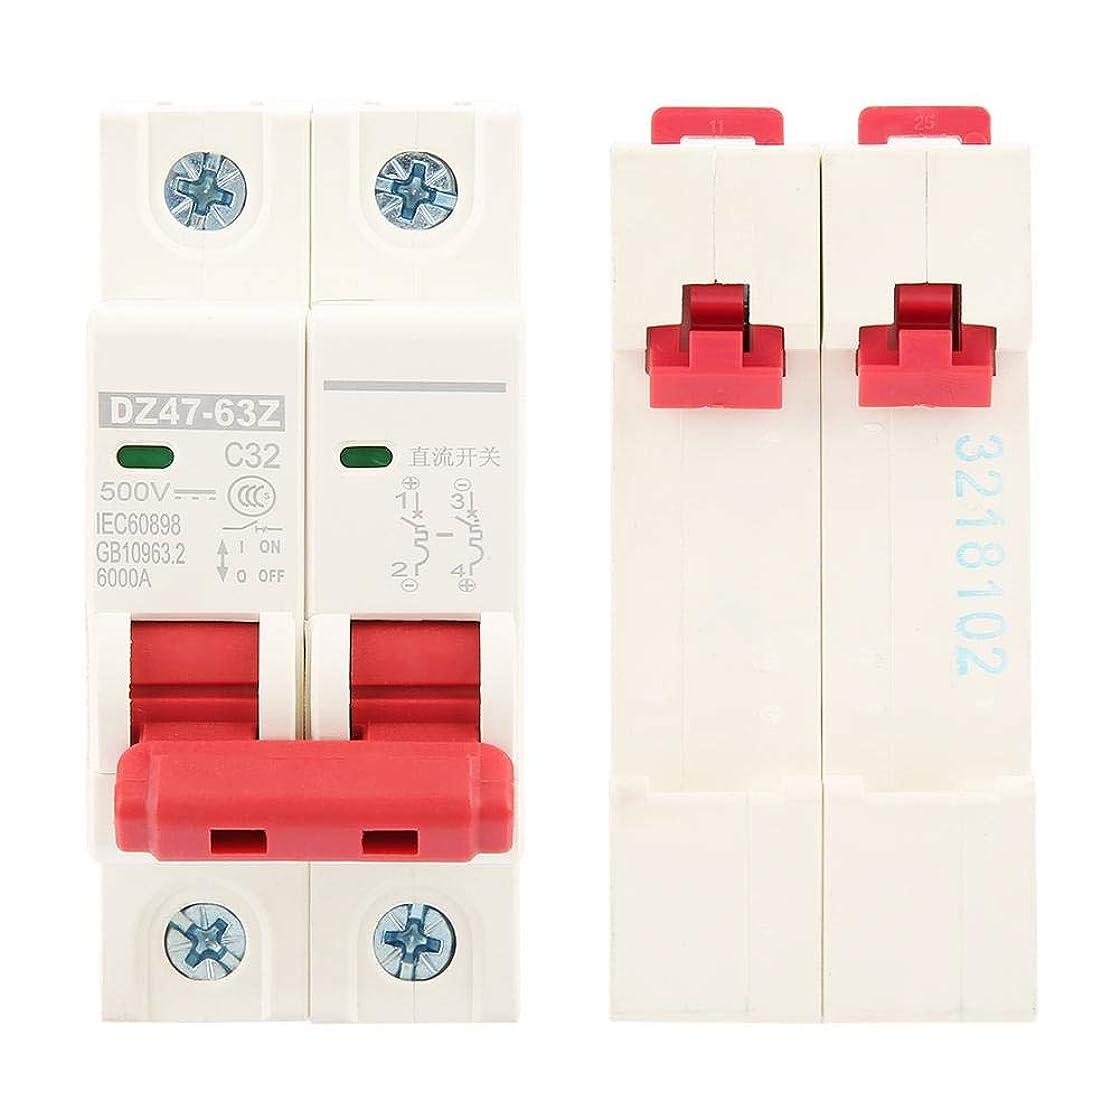 恐怖症交換贈り物遮断器2P DC 500V 32Aミニ遮断器MCB安全遮断器DZ47-63Z-2P